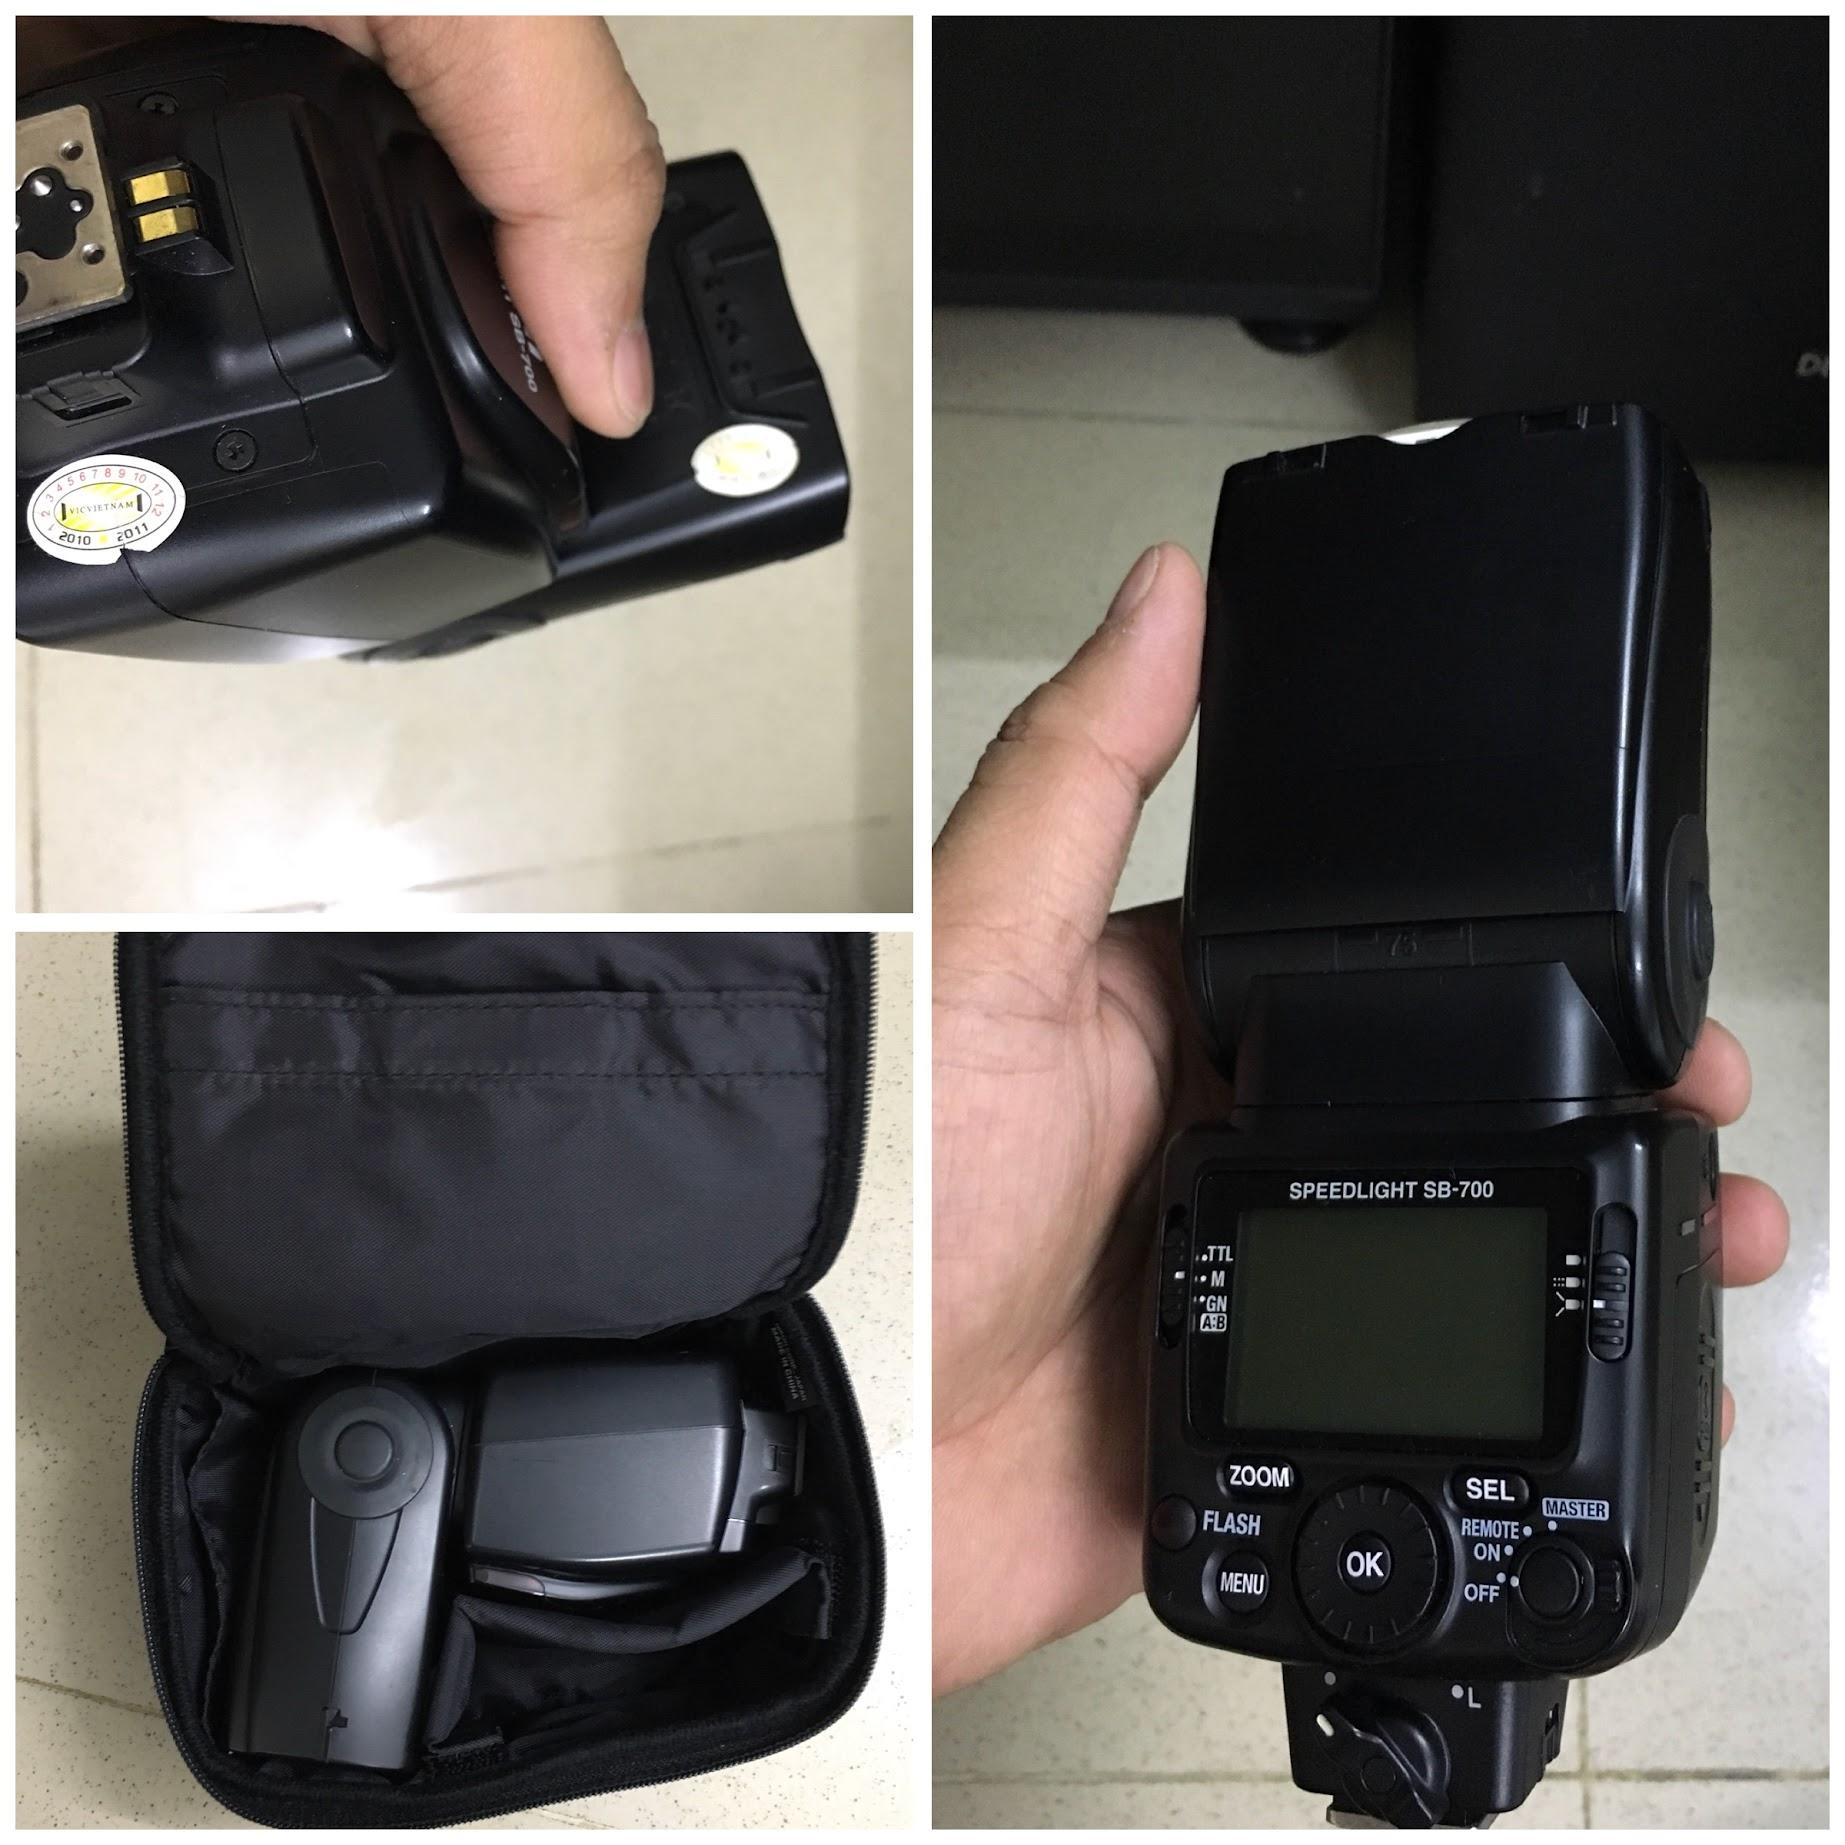 Thanh lý mớ đồ công nghệ cũ - 1